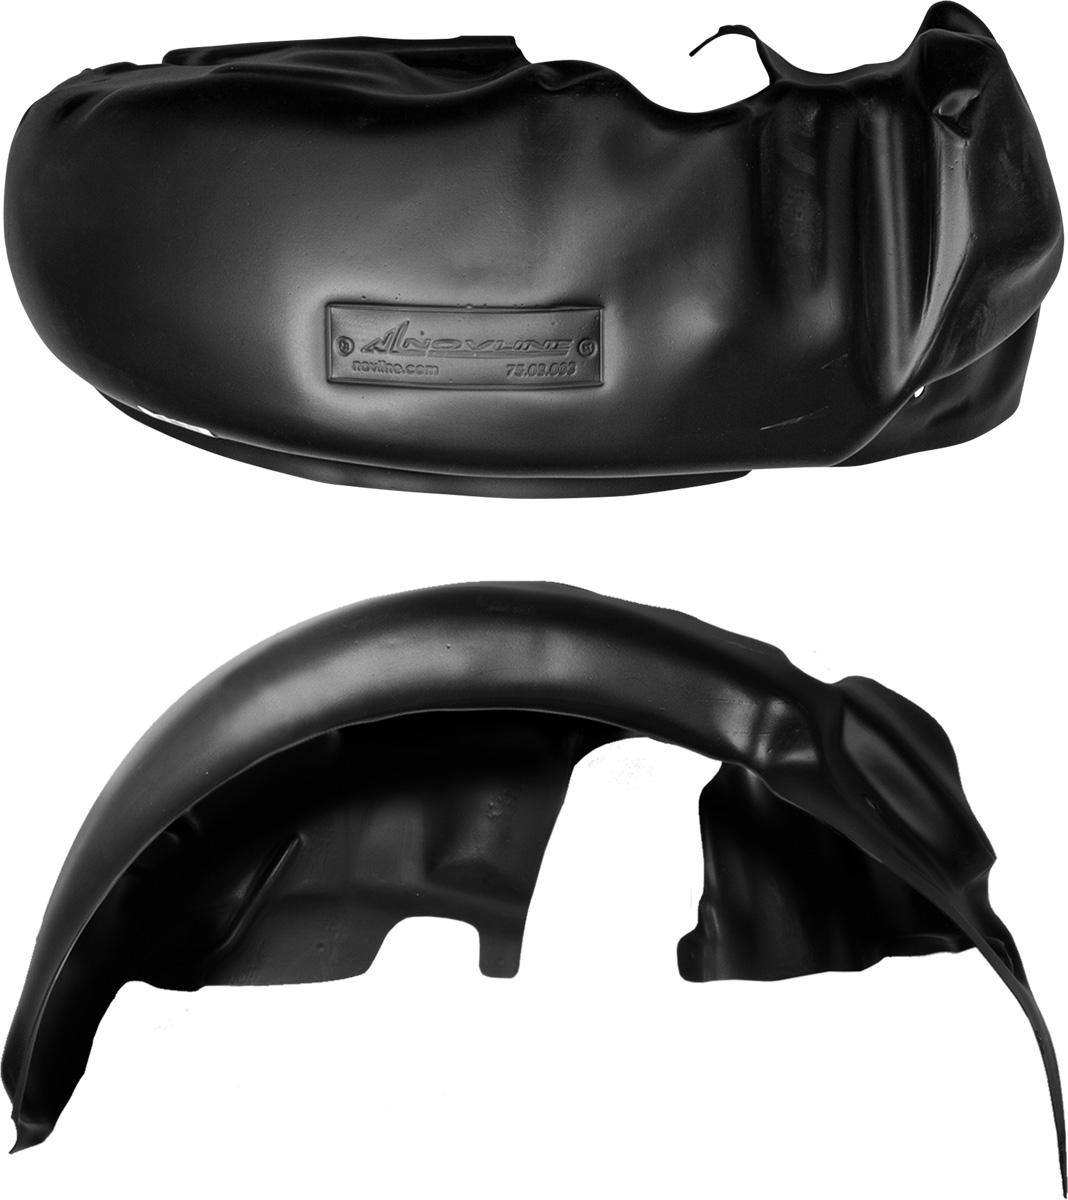 Подкрылок Novline-Autofamily, для Chevrolet Lanos, 1997-2009, седан, передний правыйNLL.08.02.002Колесные ниши - одни из самых уязвимых зон днища вашего автомобиля. Они постоянно подвергаются воздействию со стороны дороги. Лучшая, почти абсолютная защита для них - специально отформованные пластиковые кожухи, которые называются подкрылками. Производятся они как для отечественных моделей автомобилей, так и для иномарок. Подкрылки Novline-Autofamily выполнены из высококачественного, экологически чистого пластика. Обеспечивают надежную защиту кузова автомобиля от пескоструйного эффекта и негативного влияния, агрессивных антигололедных реагентов. Пластик обладает более низкой теплопроводностью, чем металл, поэтому в зимний период эксплуатации использование пластиковых подкрылков позволяет лучше защитить колесные ниши от налипания снега и образования наледи. Оригинальность конструкции подчеркивает элегантность автомобиля, бережно защищает нанесенное на днище кузова антикоррозийное покрытие и позволяет осуществить крепление подкрылков внутри колесной арки практически без дополнительного крепежа и сверления, не нарушая при этом лакокрасочного покрытия, что предотвращает возникновение новых очагов коррозии. Подкрылки долговечны, обладают высокой прочностью и сохраняют заданную форму, а также все свои физико-механические характеристики в самых тяжелых климатических условиях (от -50°С до +50°С).Уважаемые клиенты!Обращаем ваше внимание, на тот факт, что подкрылок имеет форму, соответствующую модели данного автомобиля. Фото служит для визуального восприятия товара.